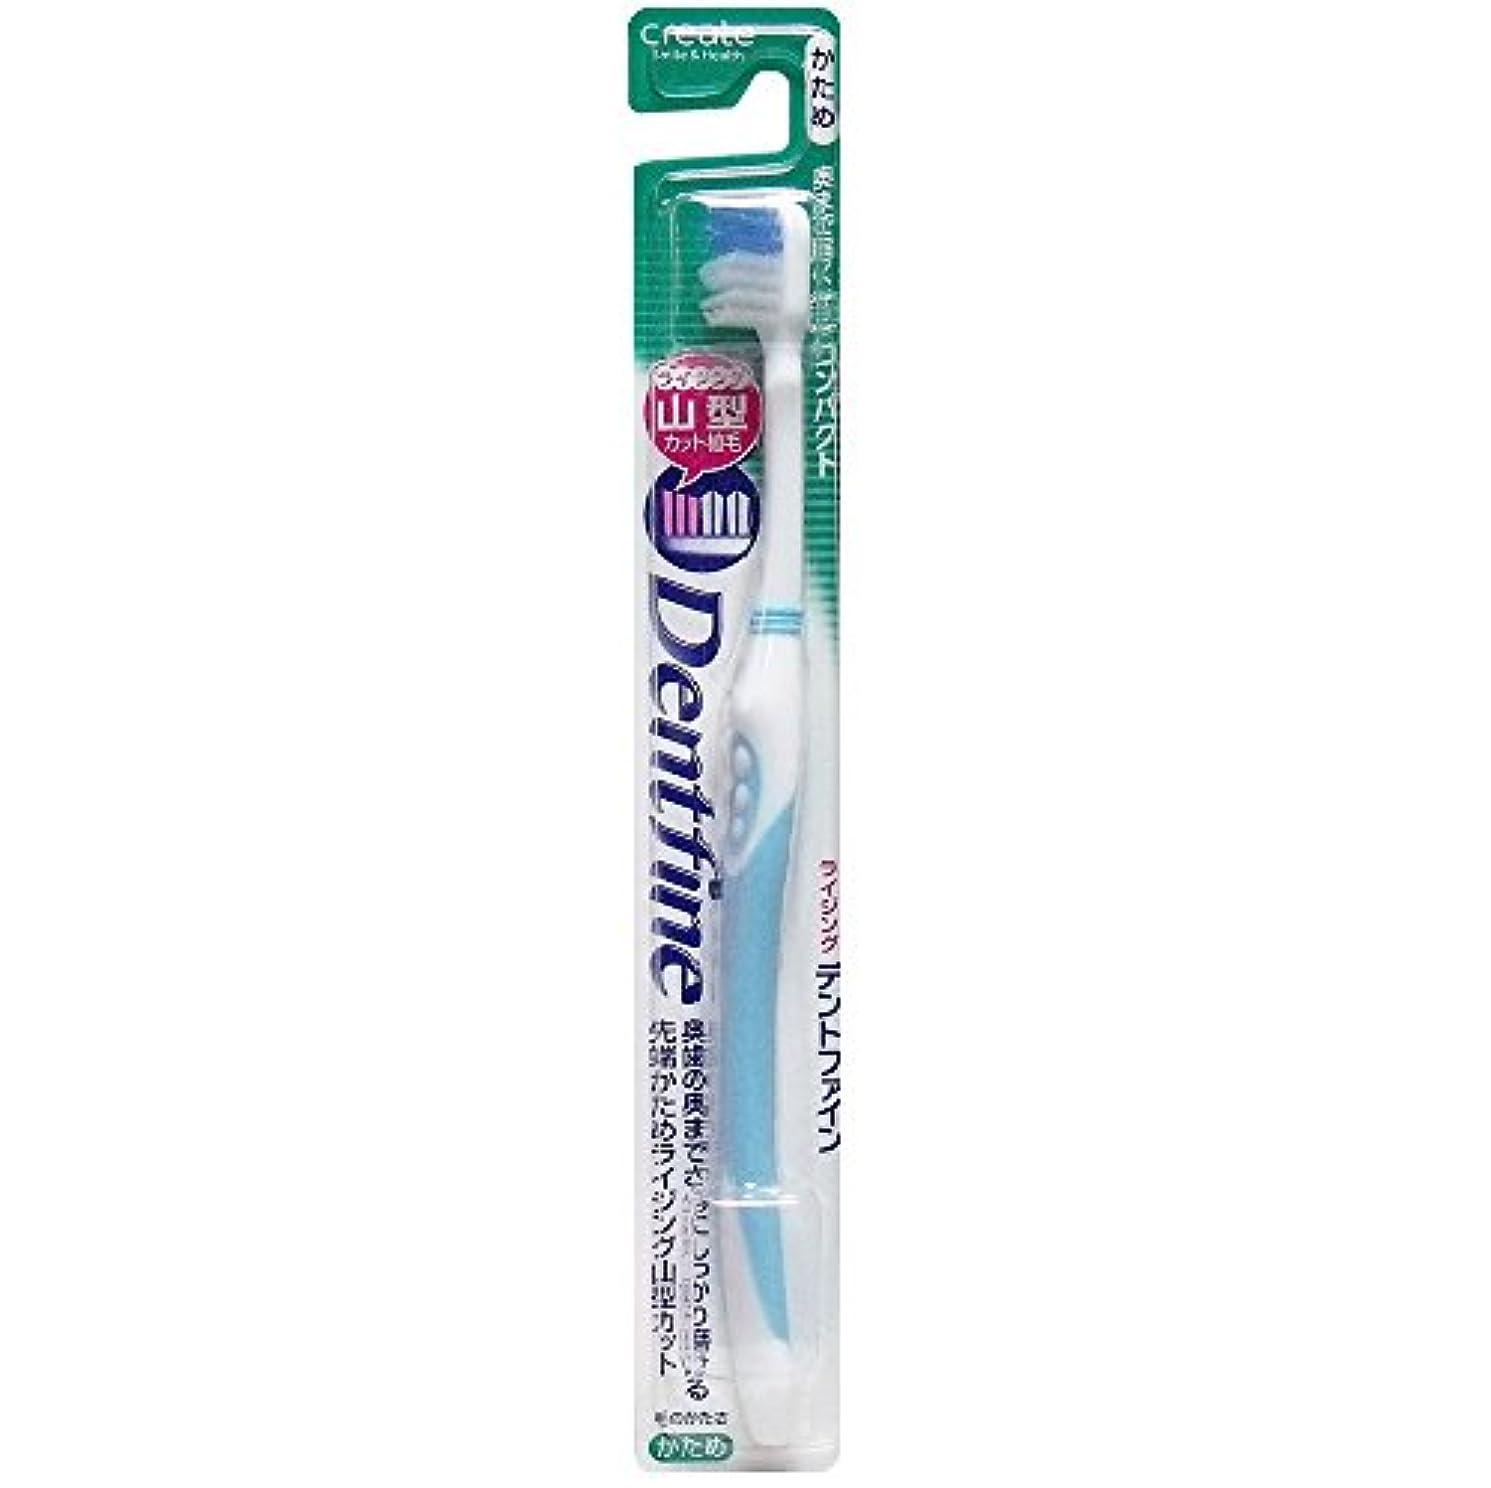 貴重な他の日差し控えるデントファイン ピュアスタイル 山切りカット 歯ブラシ かため 1本:ブルー